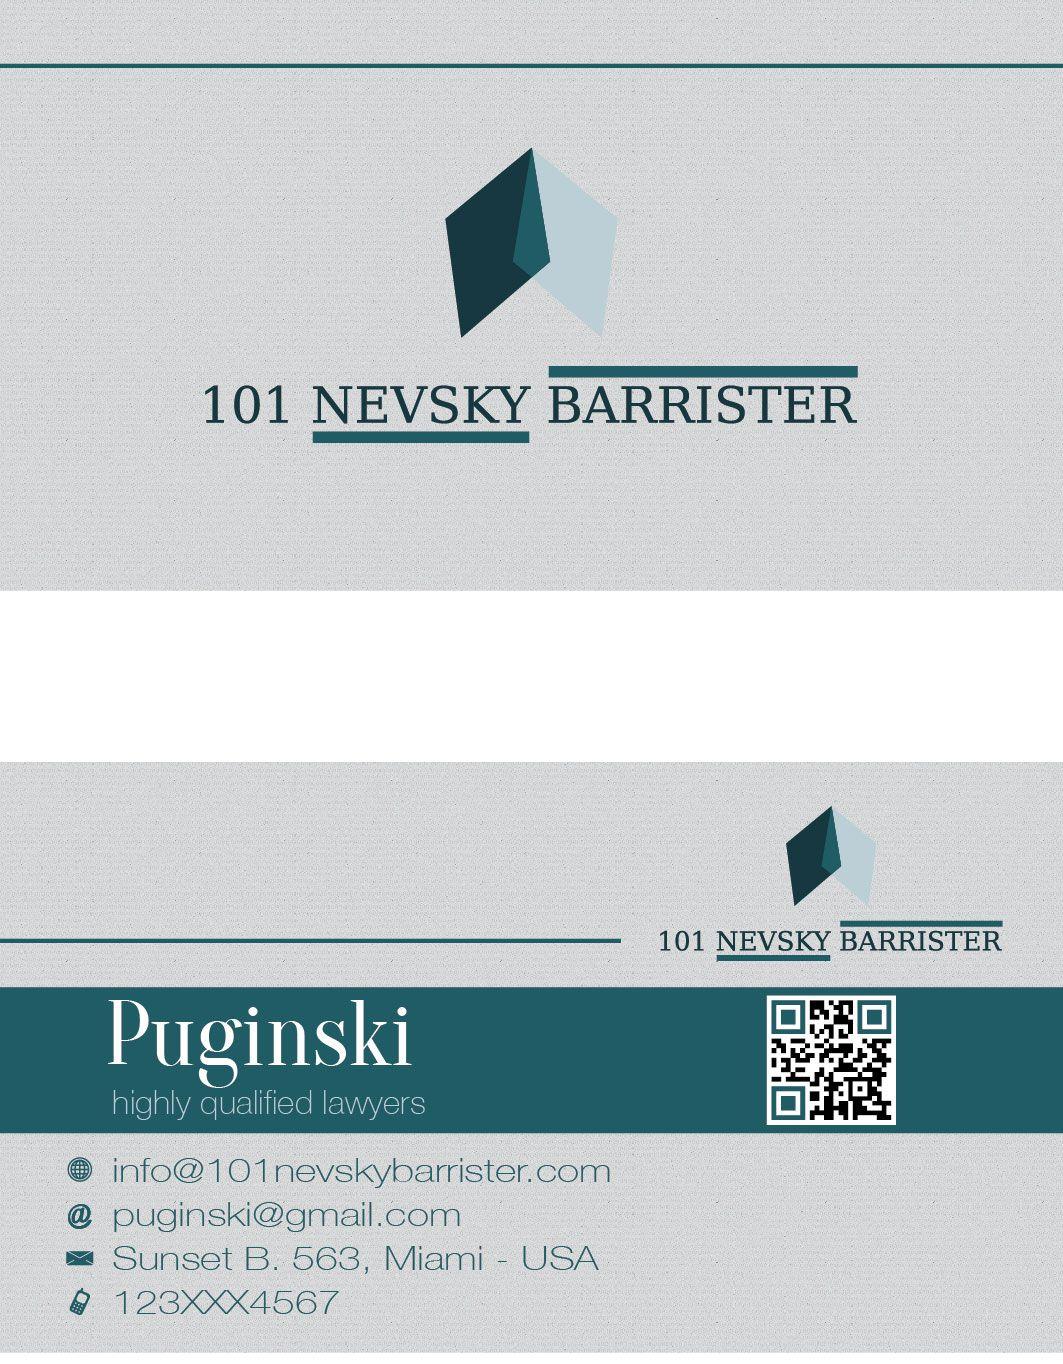 лого и фирменный стиль для адвокатского кабинета - дизайнер voenerges